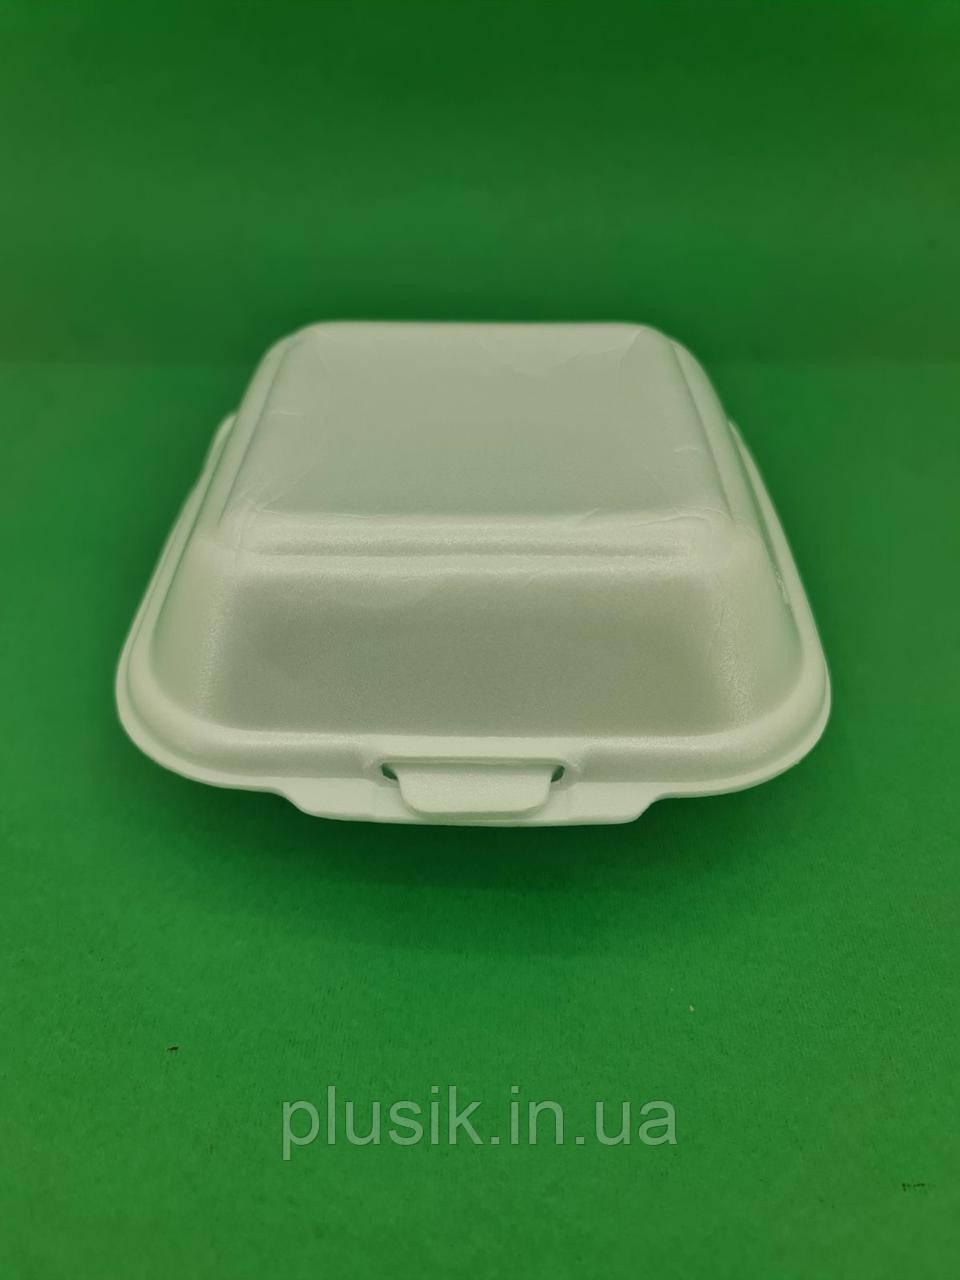 Ланч-бокс з спіненого полістиролу з кришкою (150*152*60) білий HP-6 (250 шт)